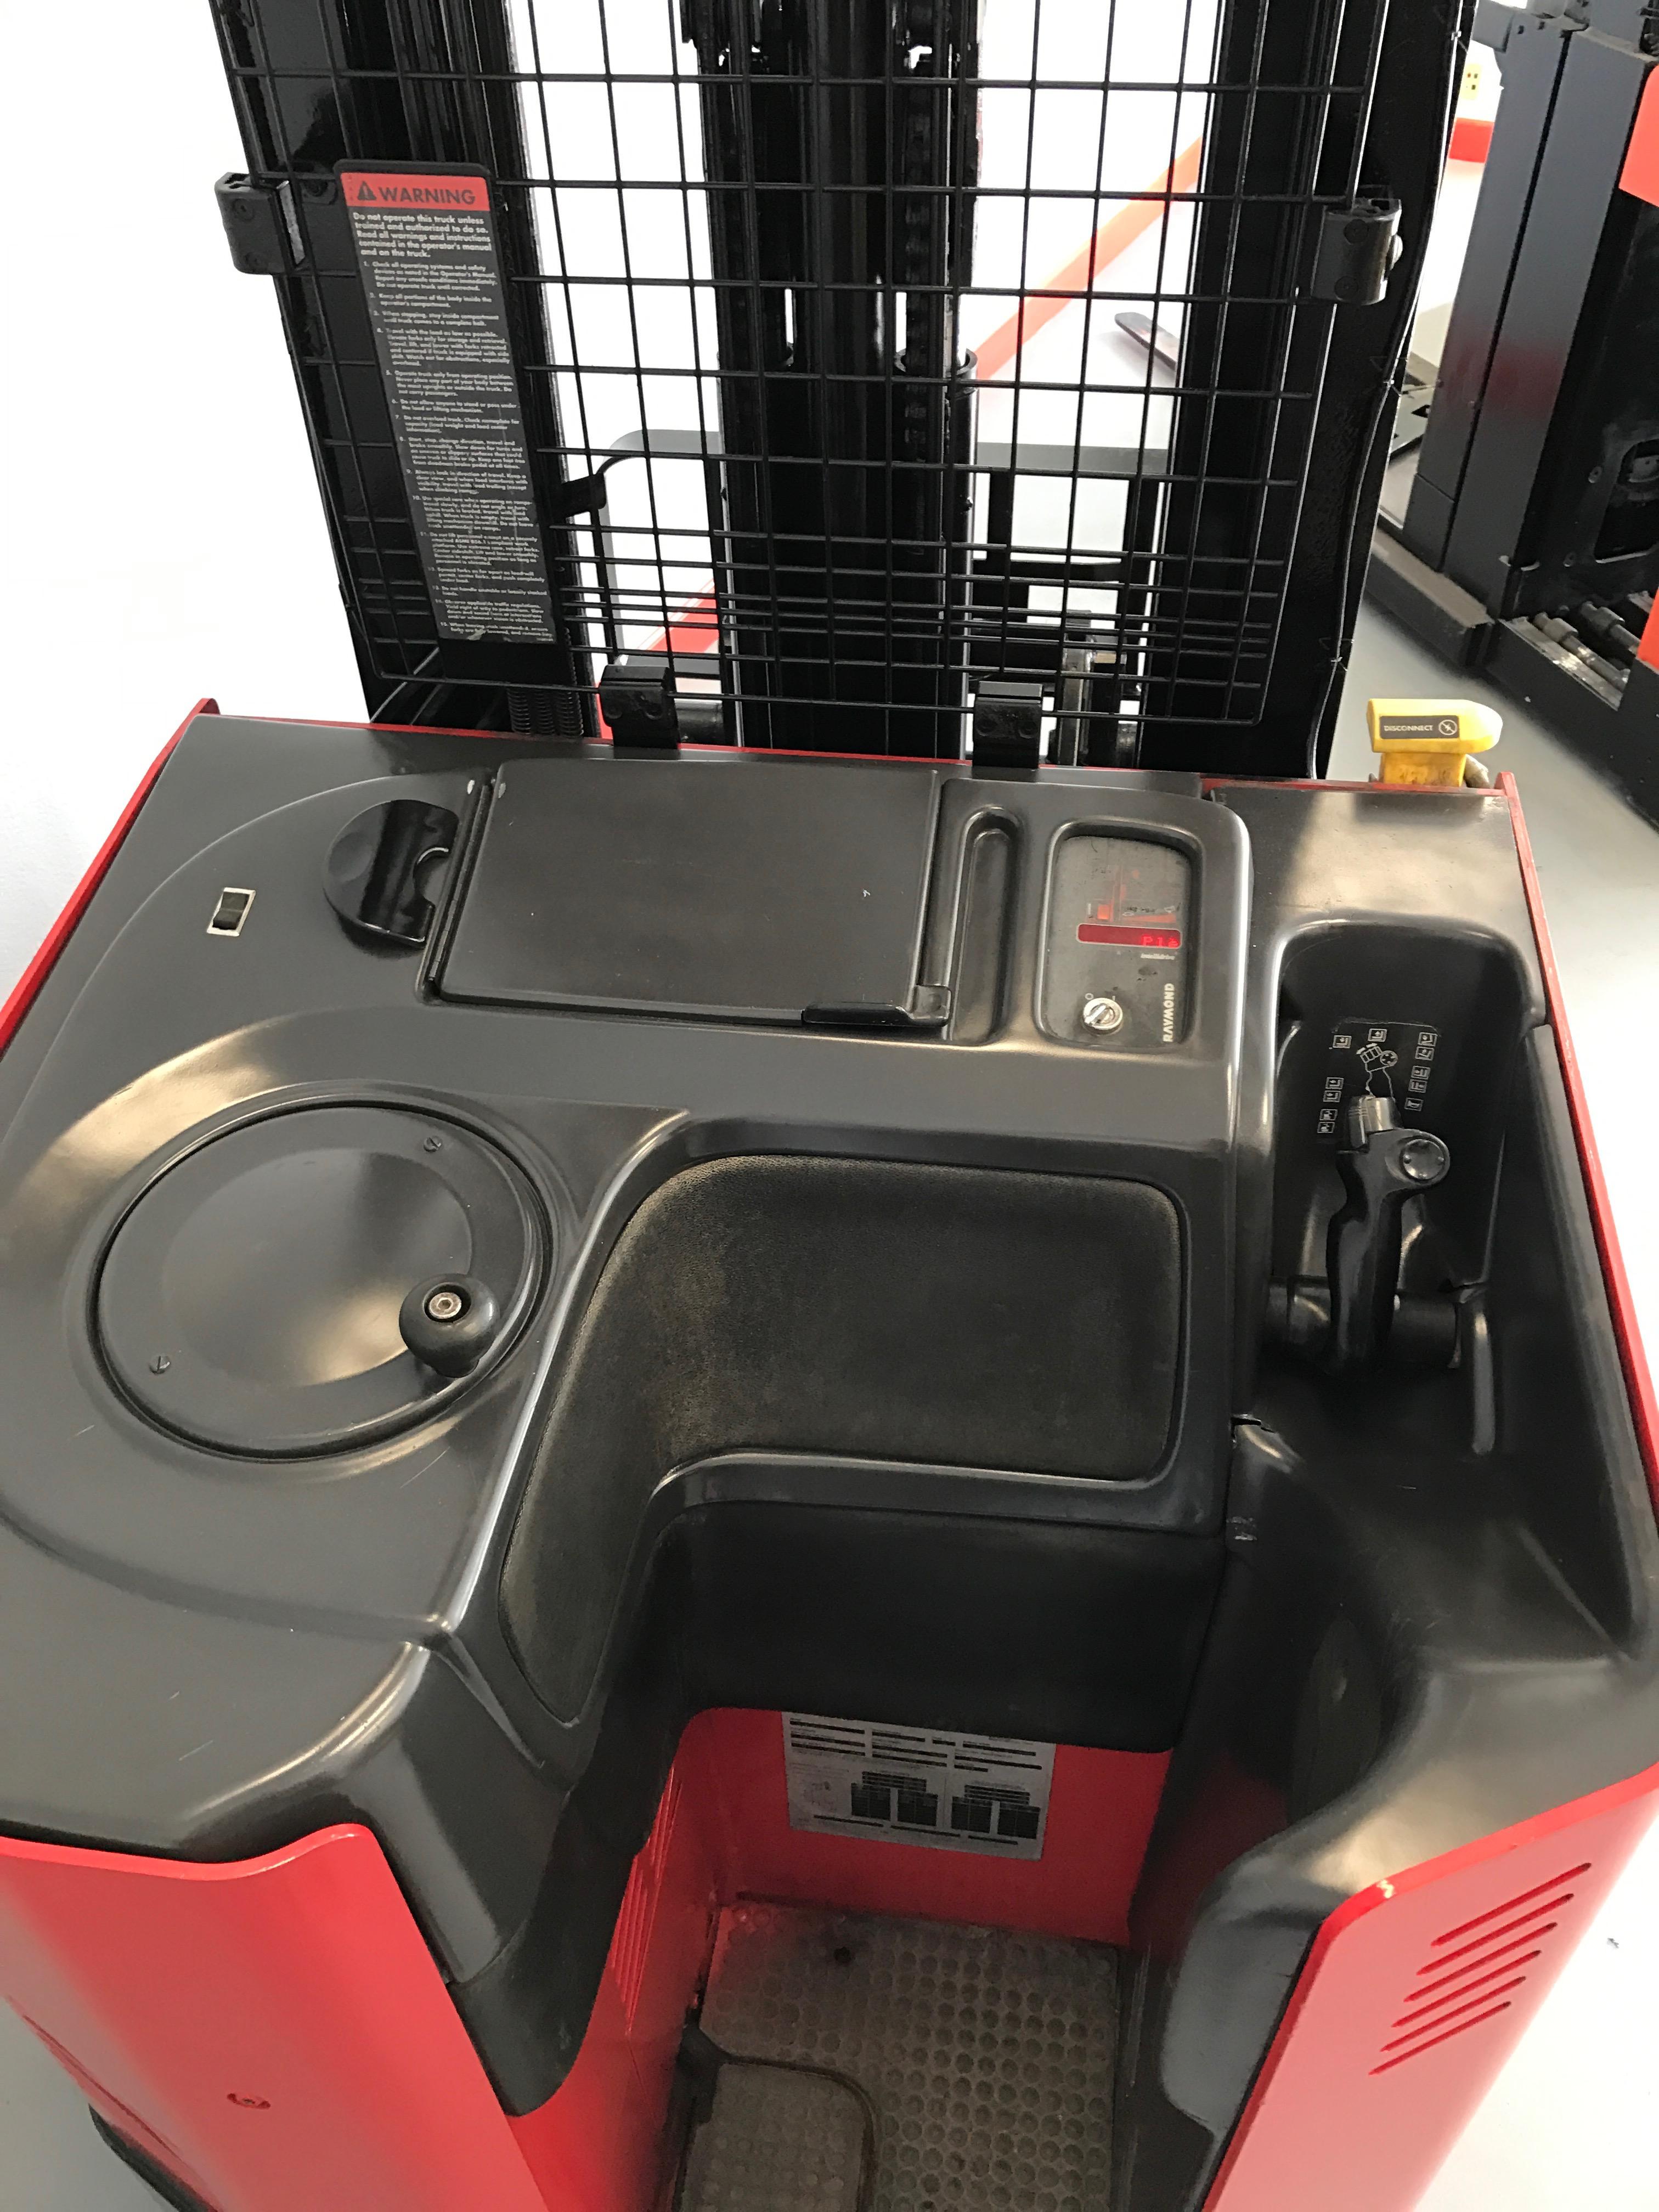 CES #20538 2006 Raymond EASI R40TT Reach Forklift ...